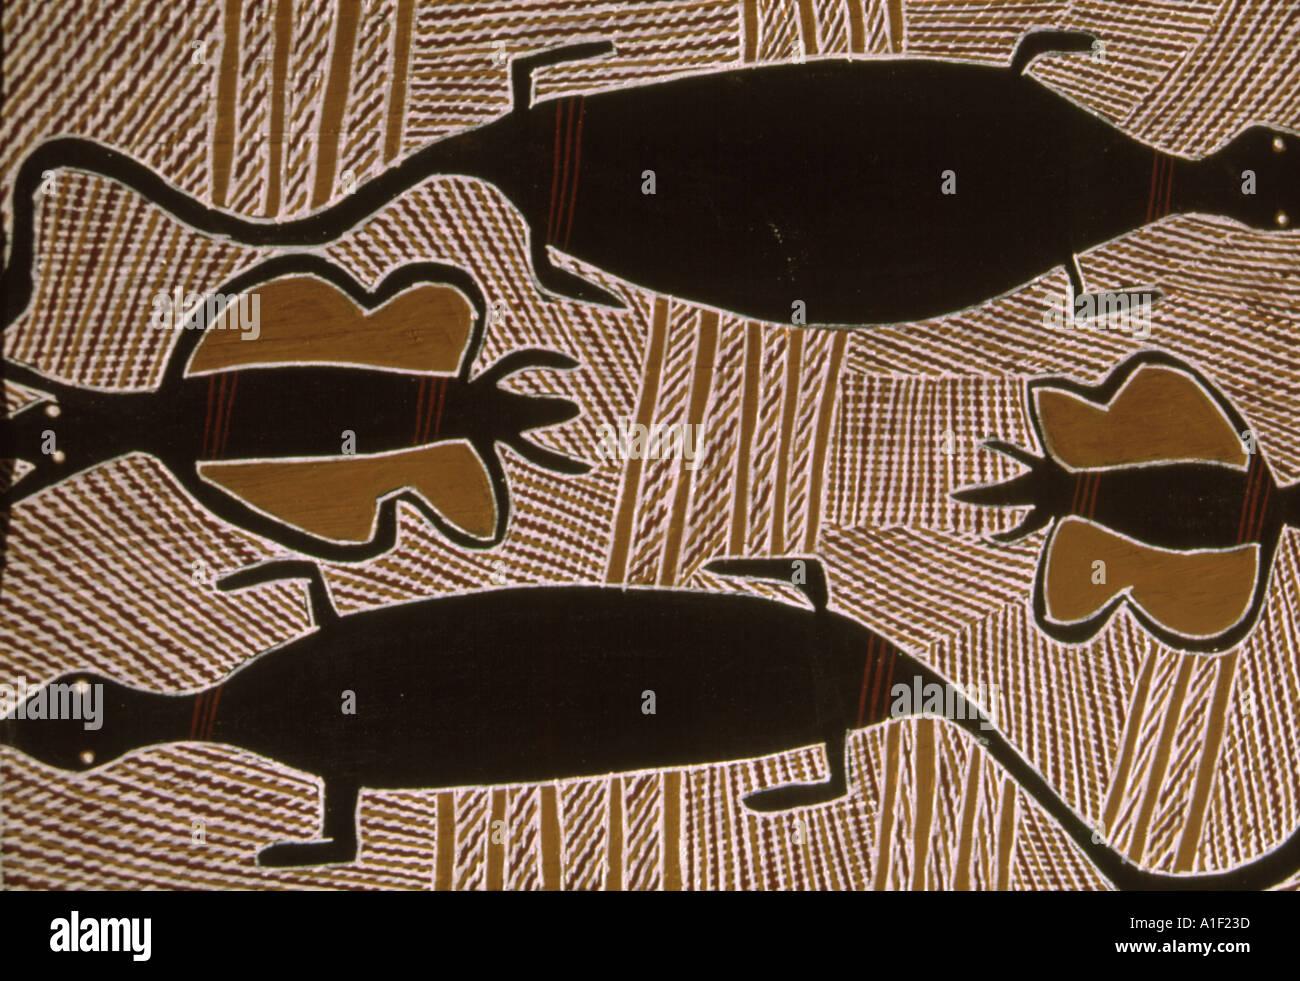 Serpientes, goannas, canguros y otras criaturas bush figura en el Dreaming tema de pinturas aborígenes en Australia central. Imagen De Stock